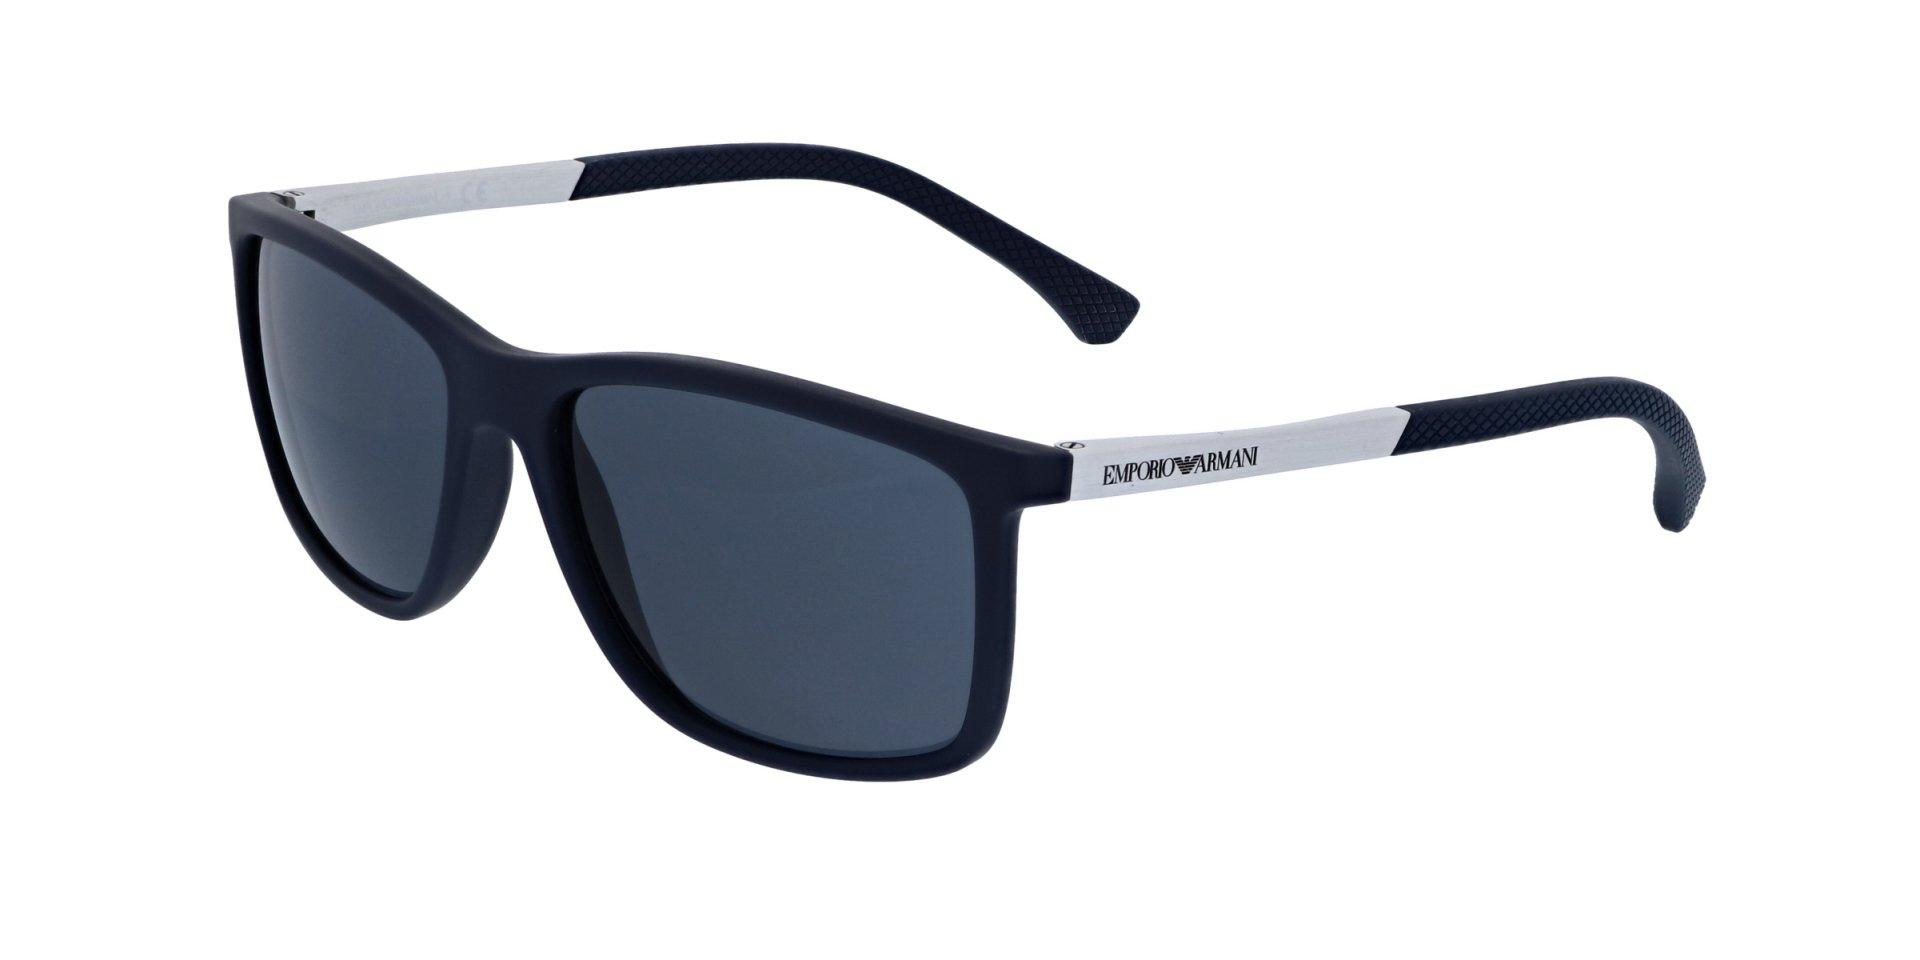 Sunglasses EMPORIO ARMANI   Opticlasa d2454f4539